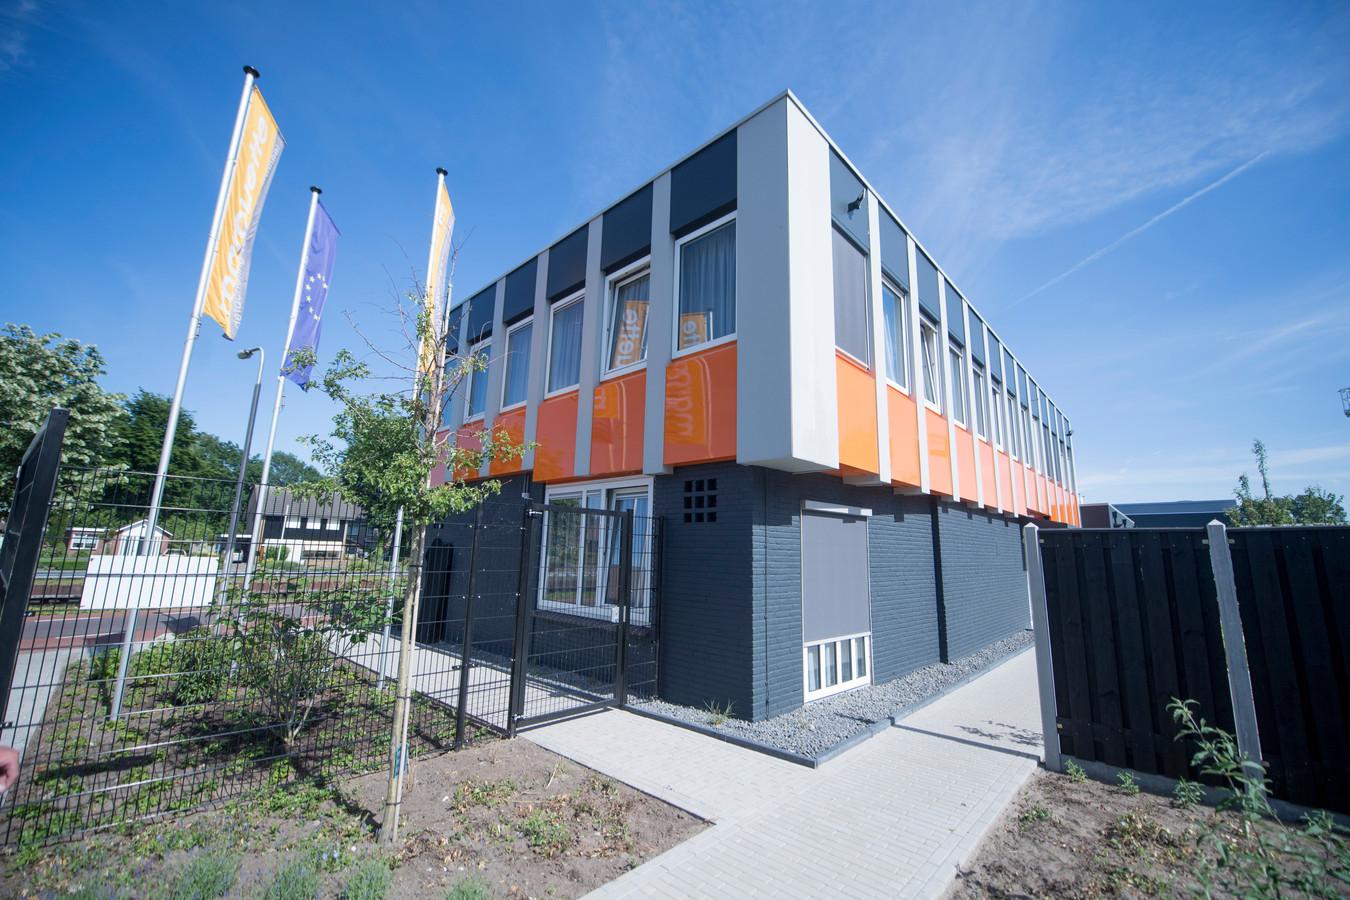 Het pand van Marquette in Vriezenveen, waar 30 Poolse arbeidsmigranten gehuisvest zijn.